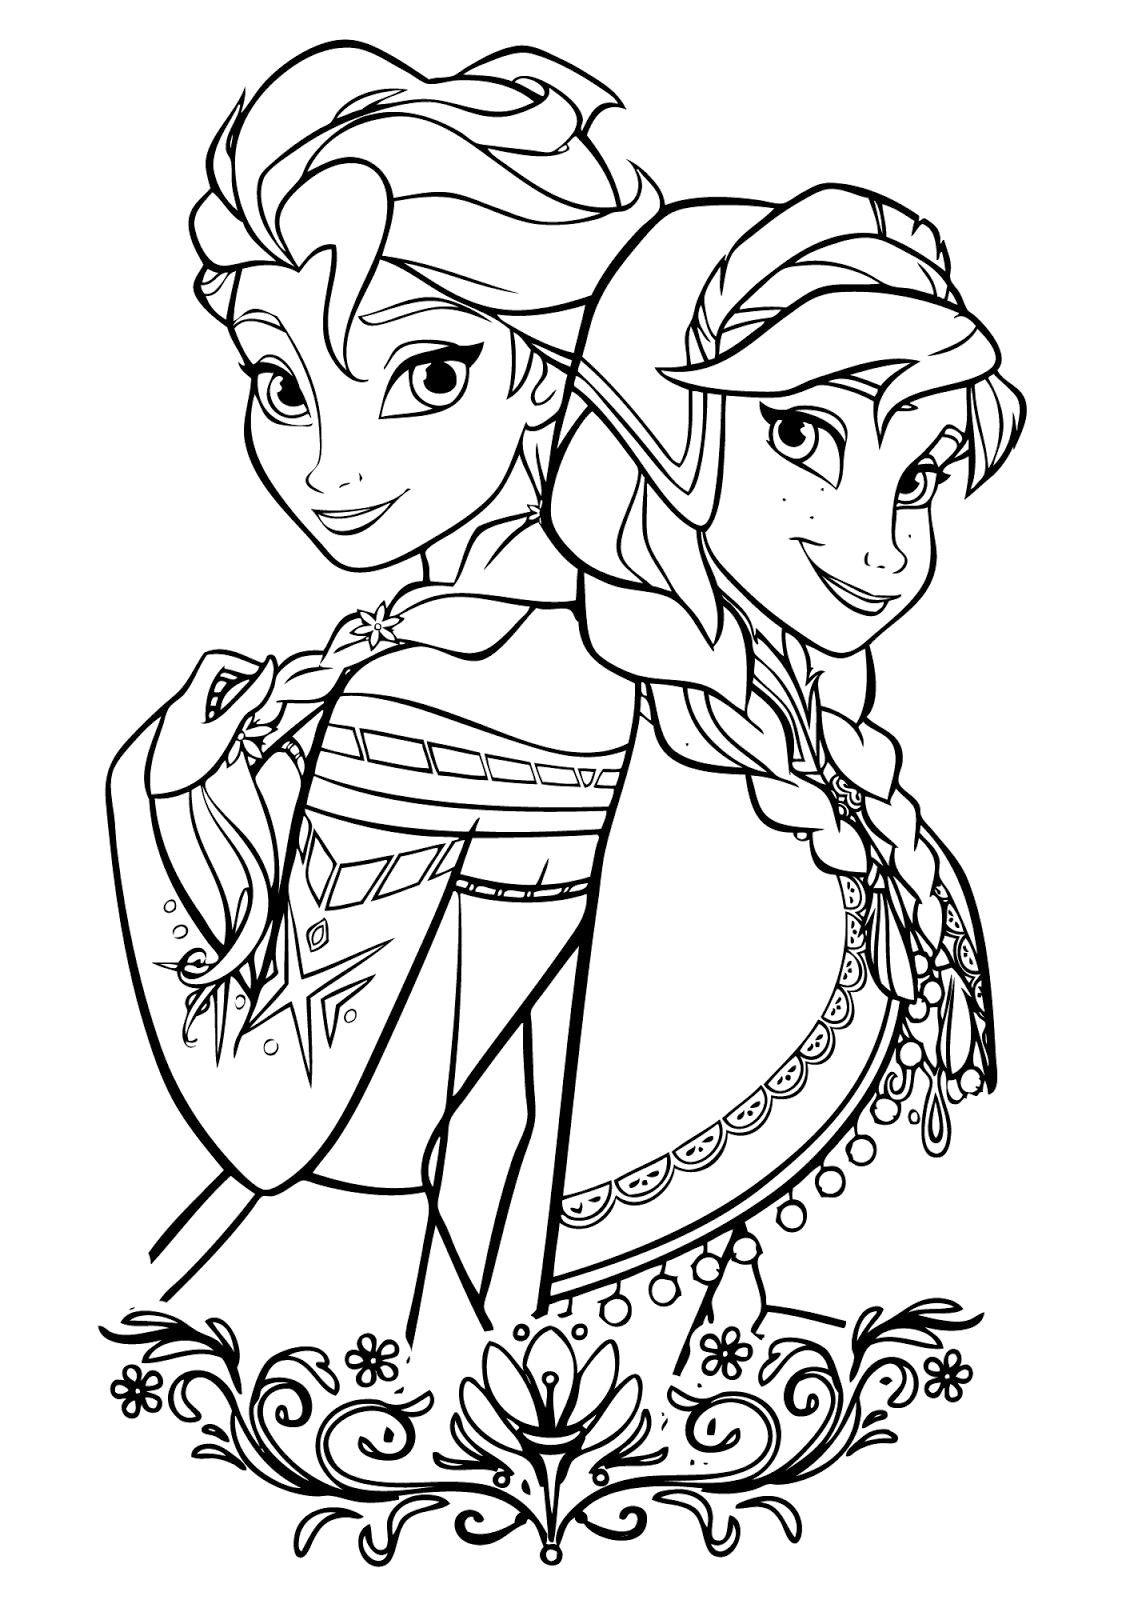 Эльза и Анна в зимнем наряде - Принцессы Дисней | Книжка ...